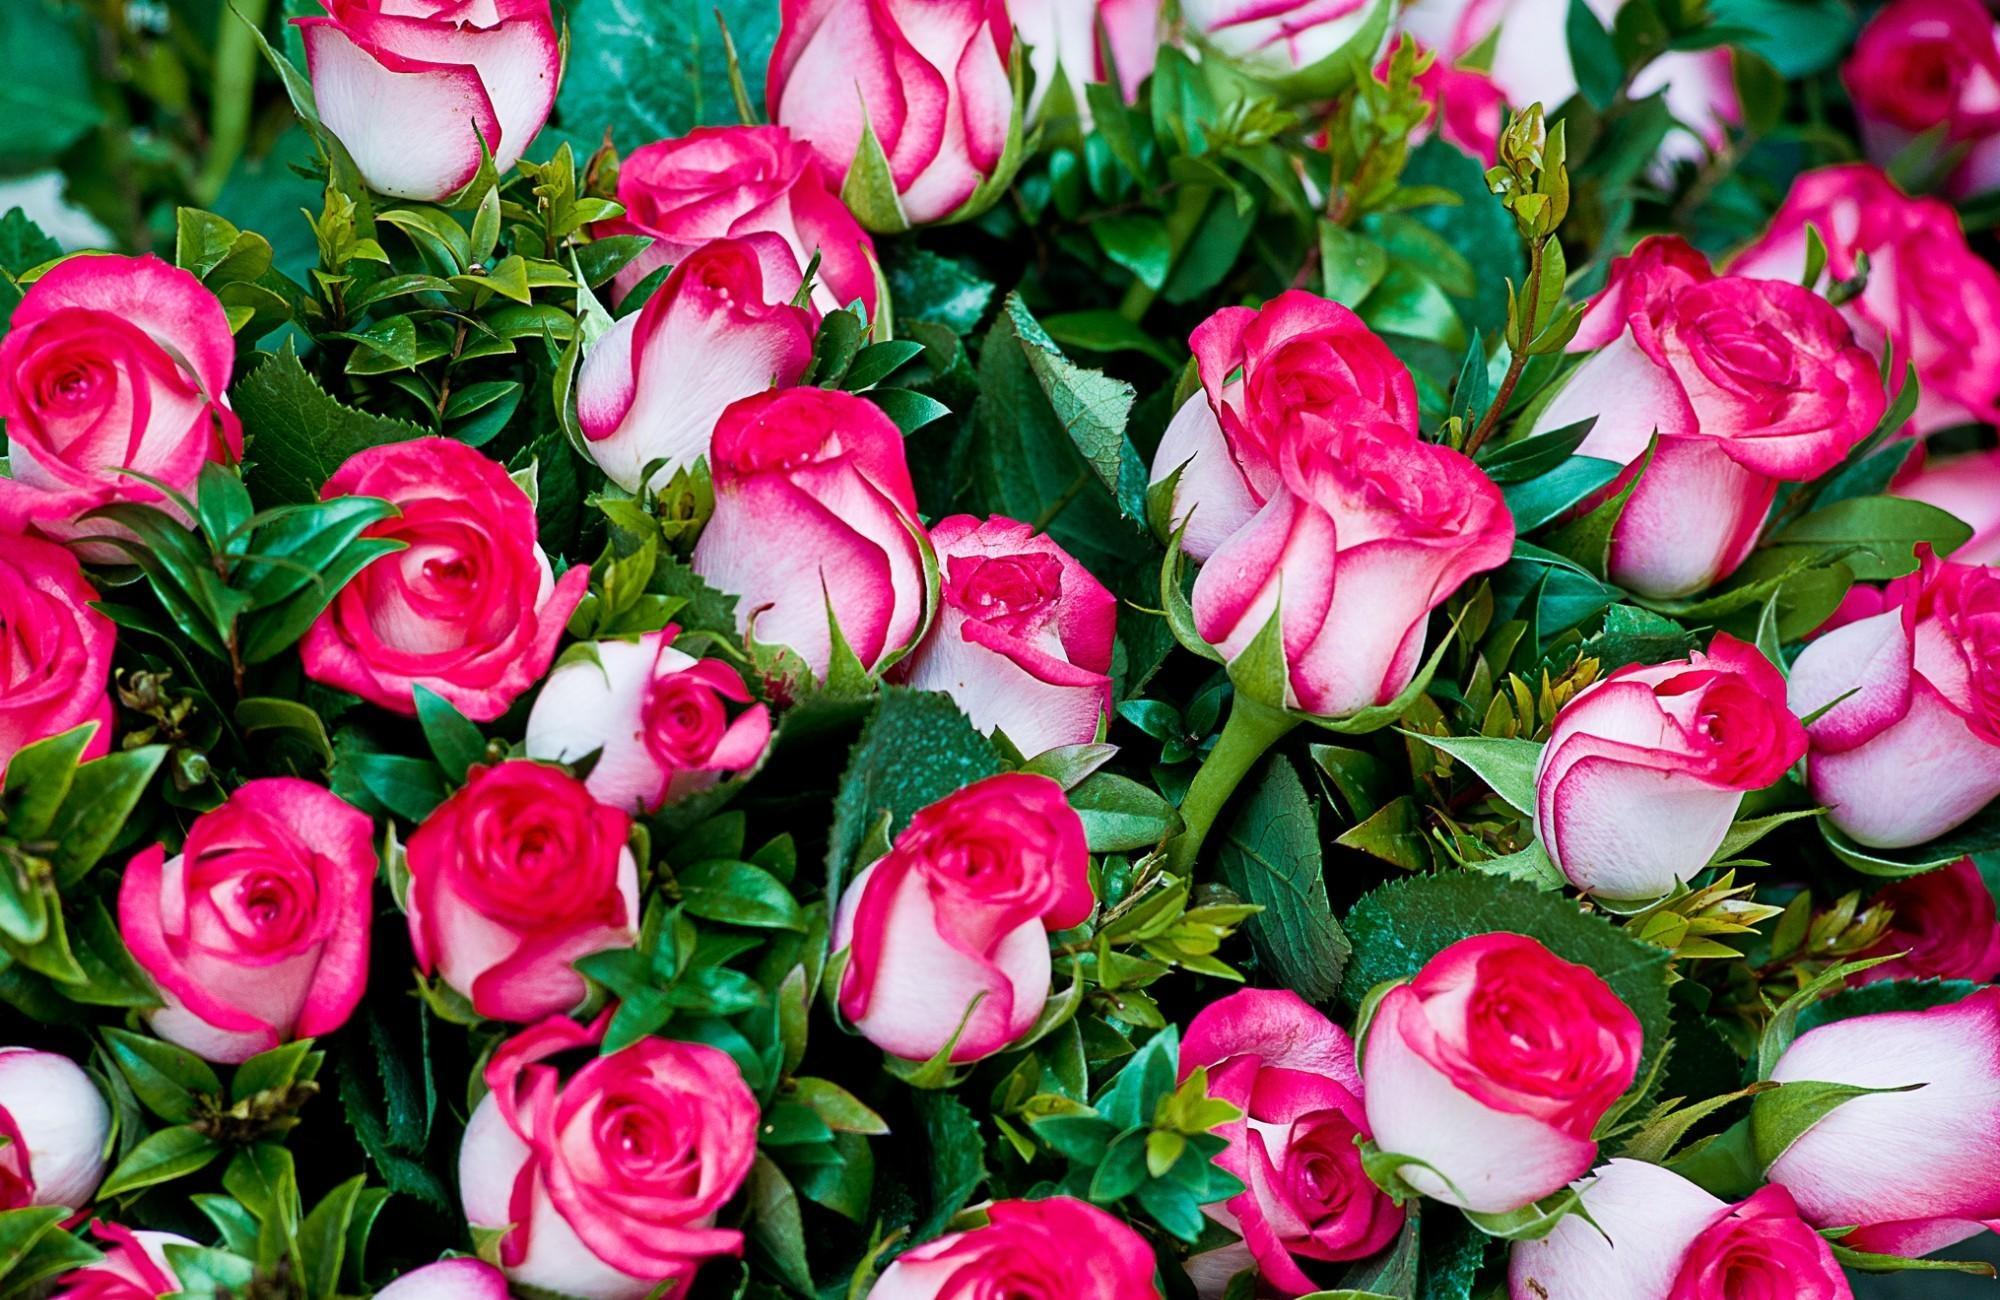 120032 скачать обои Розы, Букет, Цветы, Шикарно, Красиво - заставки и картинки бесплатно